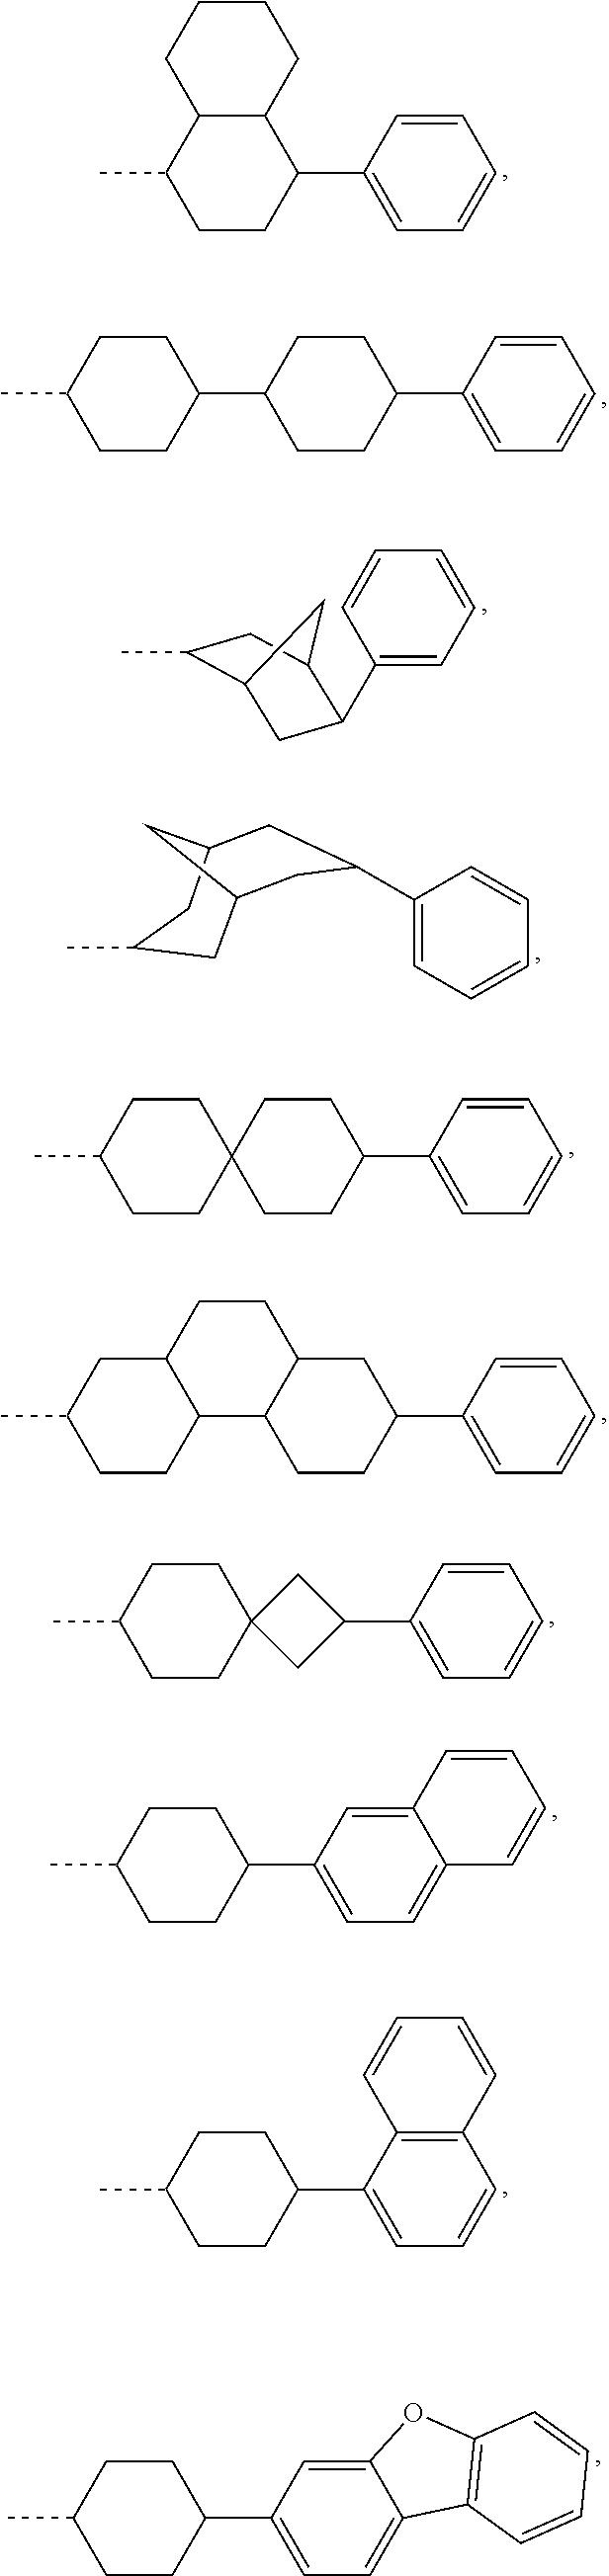 Figure US20180076393A1-20180315-C00018